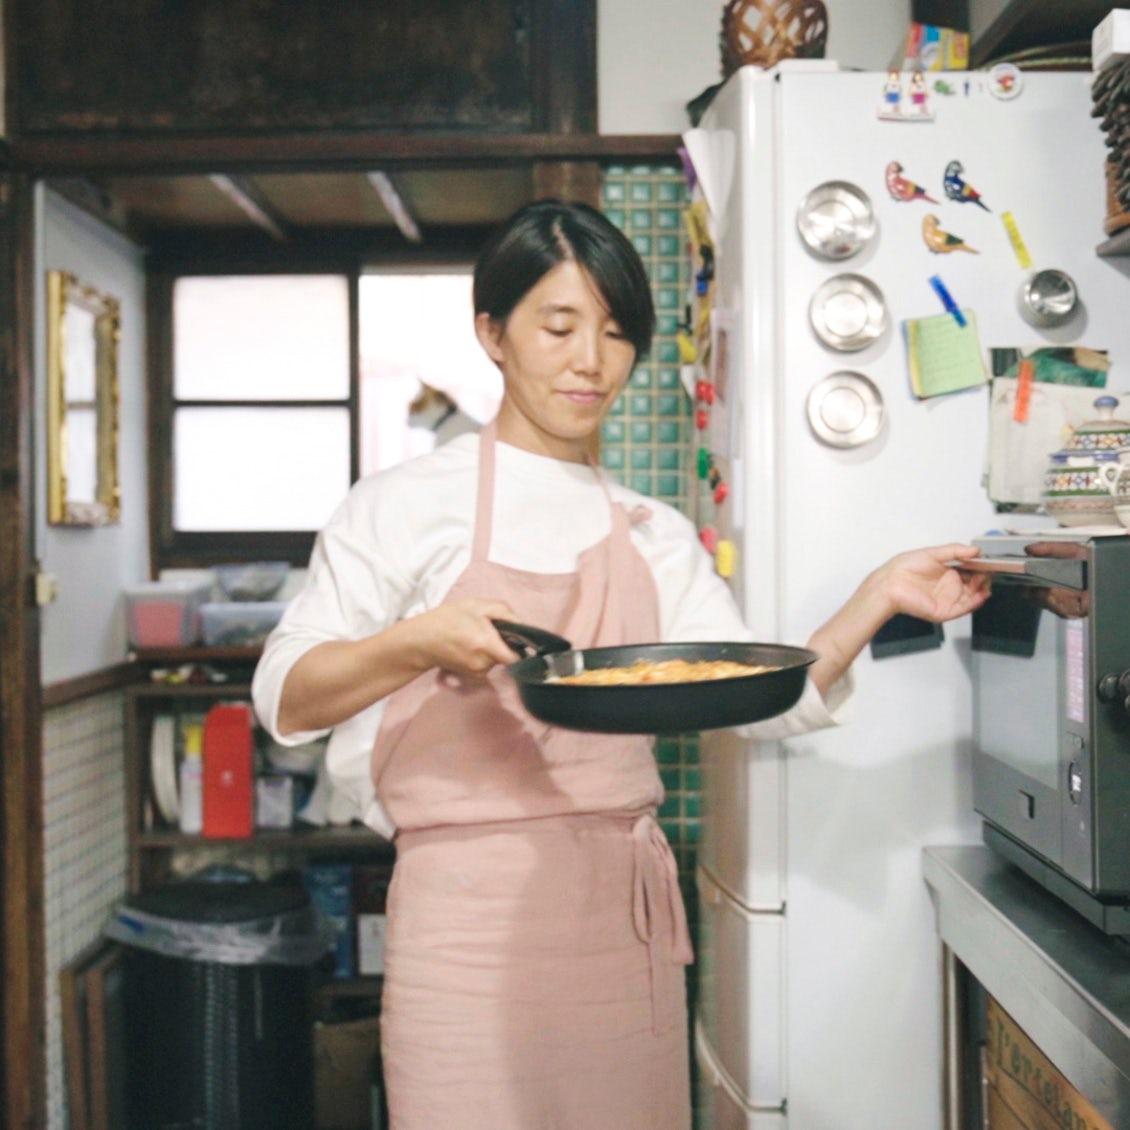 【フライパンひとつで】そのままオーブンへ! 一皿を囲むから会話も弾む、お手軽ねぎグラタン